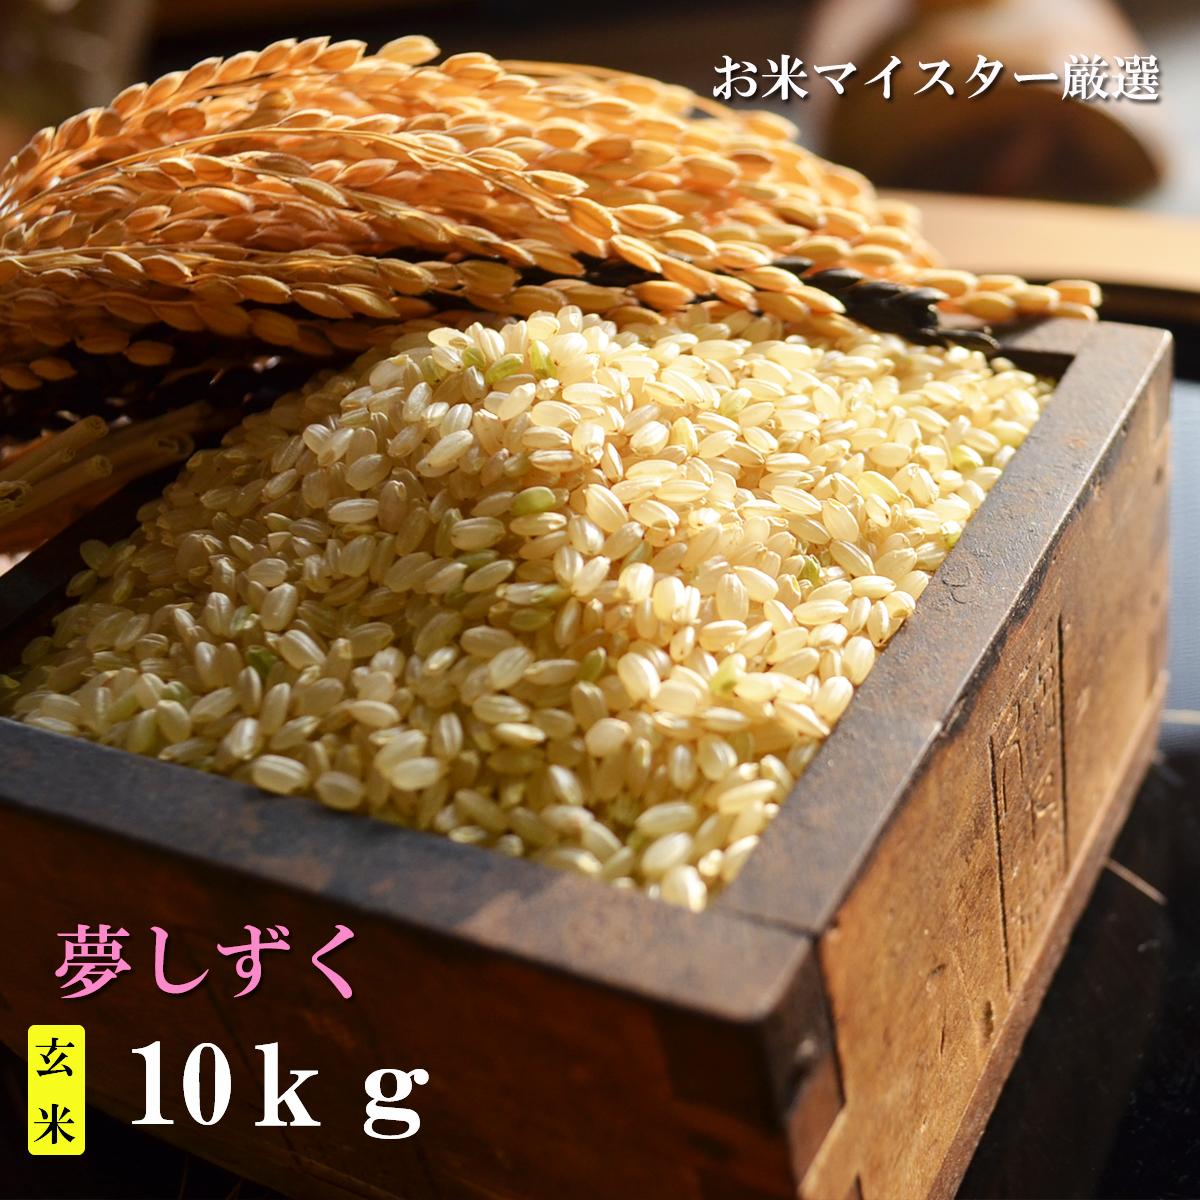 【ふるさと納税】B-44【特A】鹿島市産 夢しずく 玄米10kg